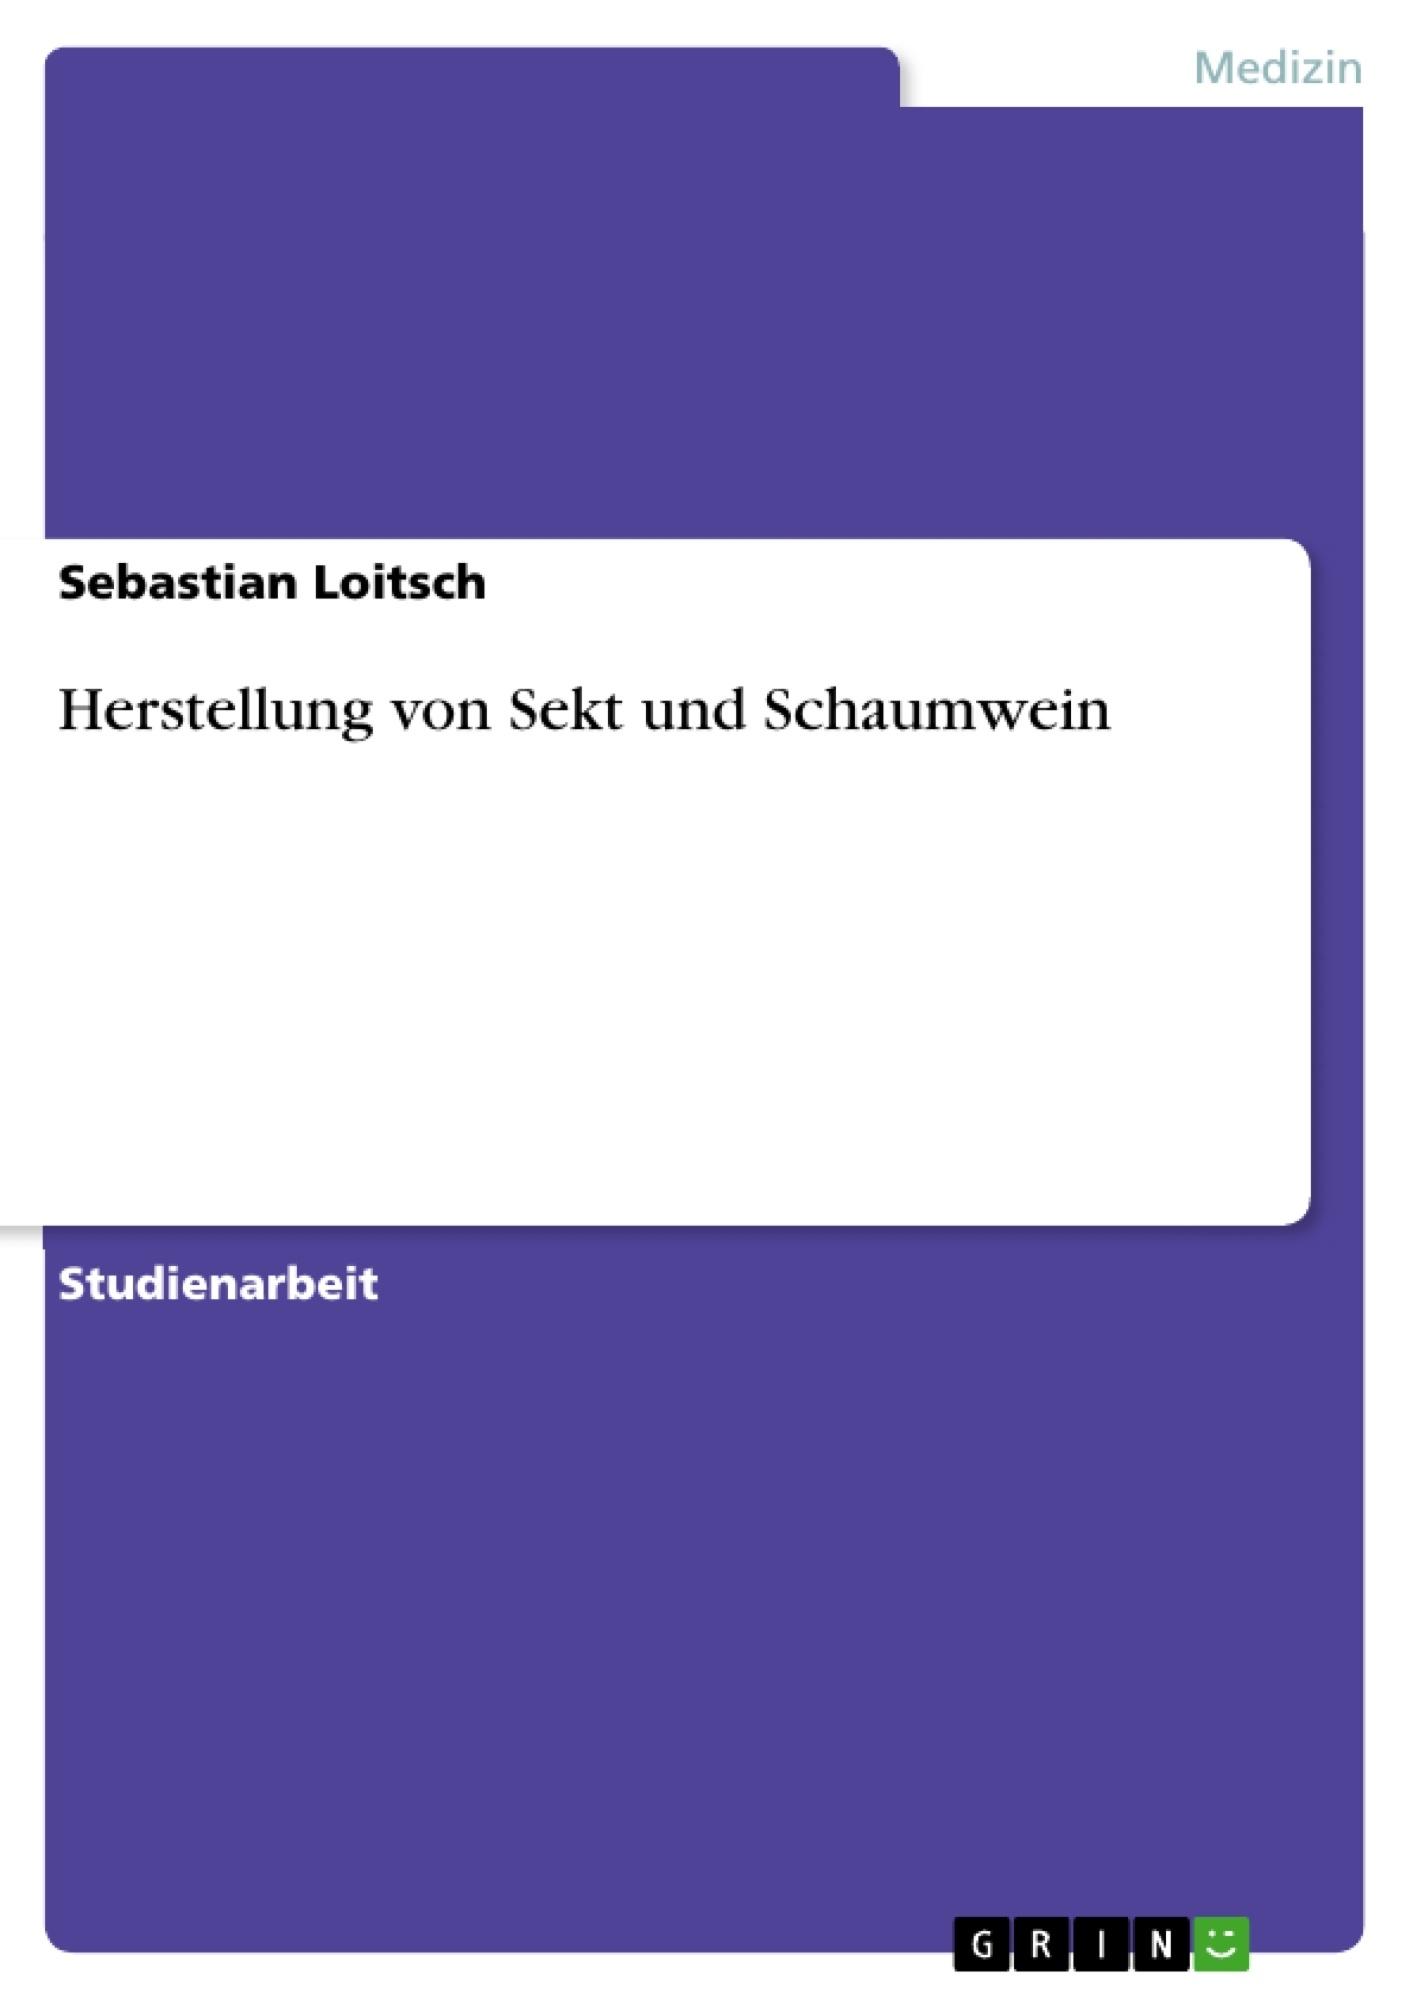 Titel: Herstellung von Sekt und Schaumwein